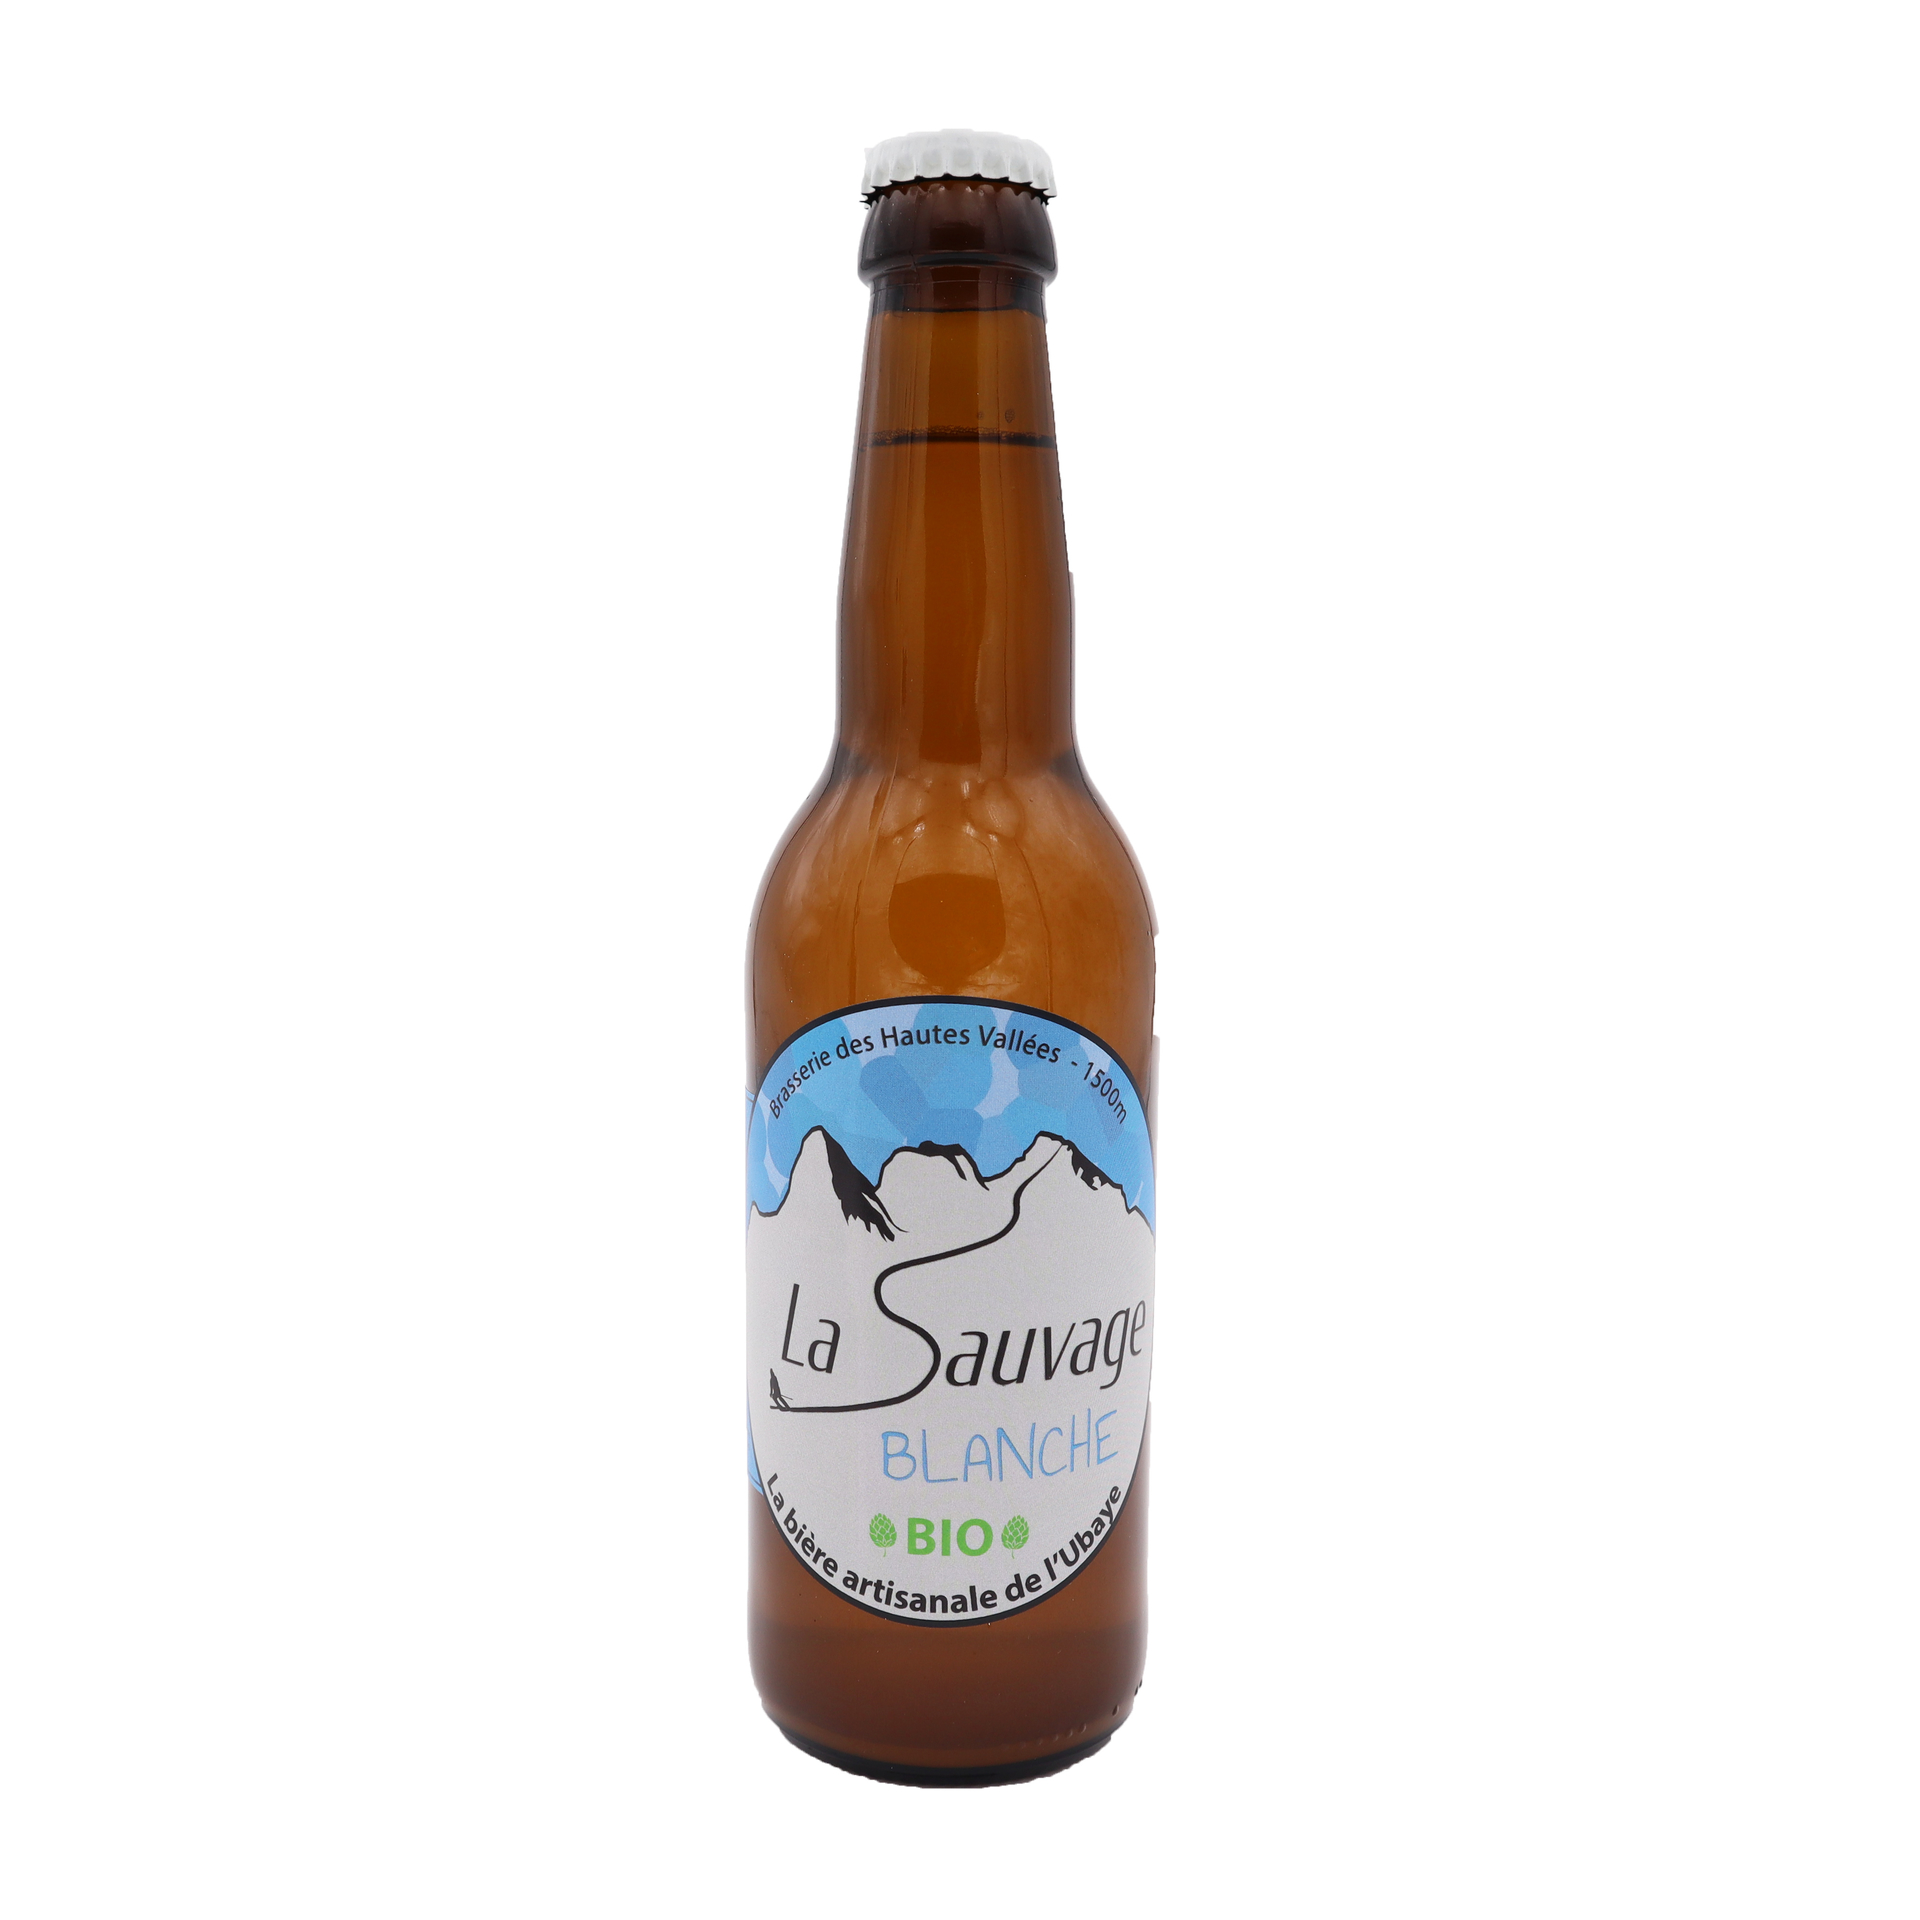 Bière des Hautes Vallées